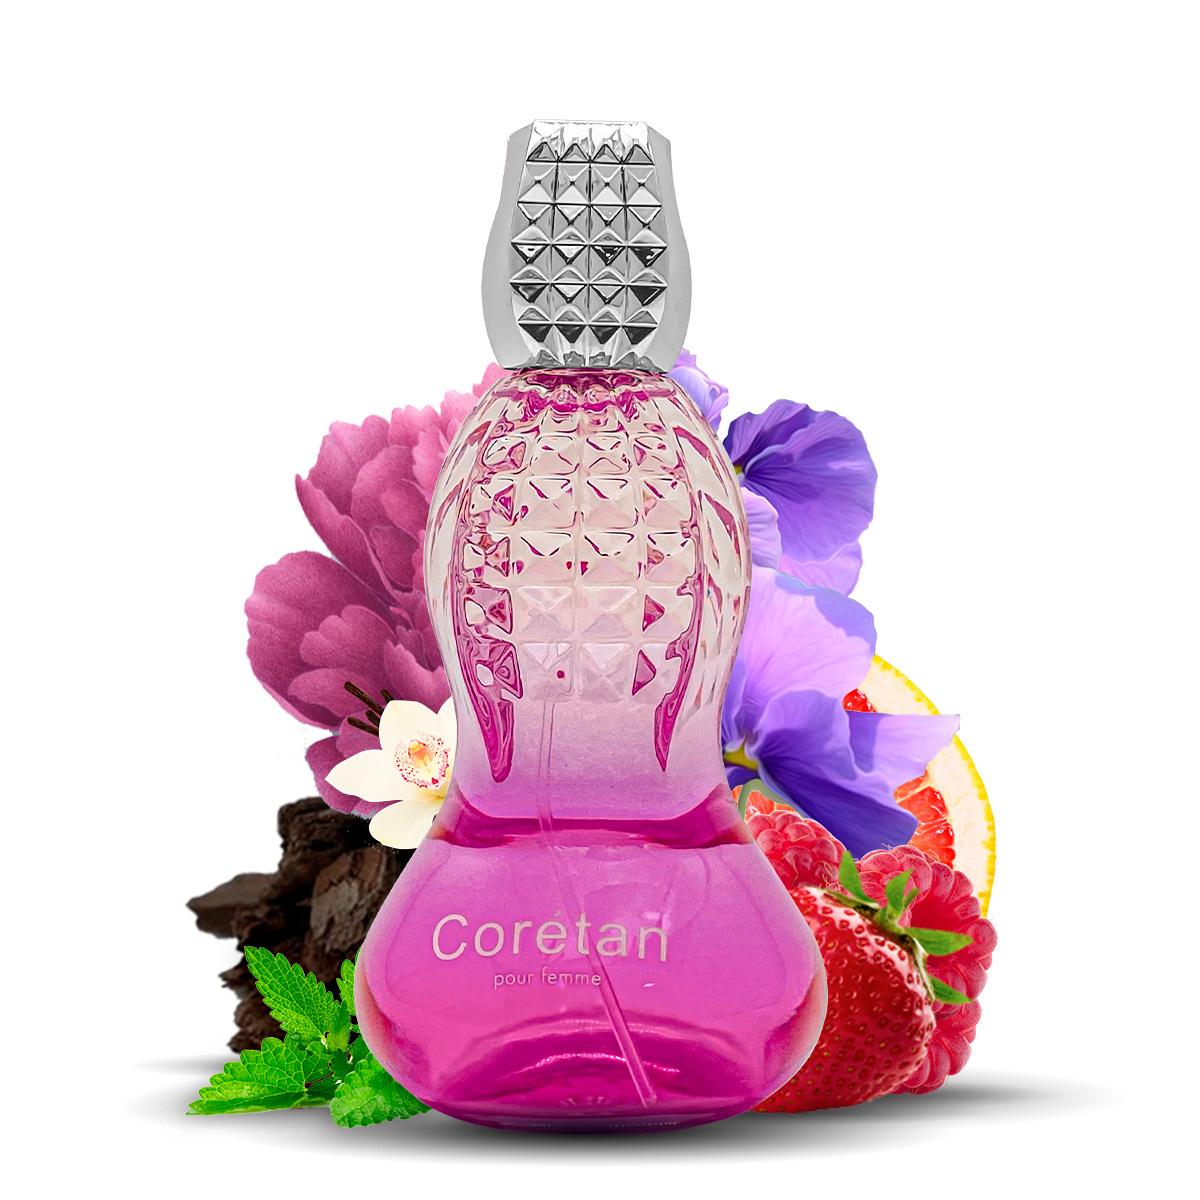 Kit 2 Perfumes Importados Coretan e Black Scent I Scents